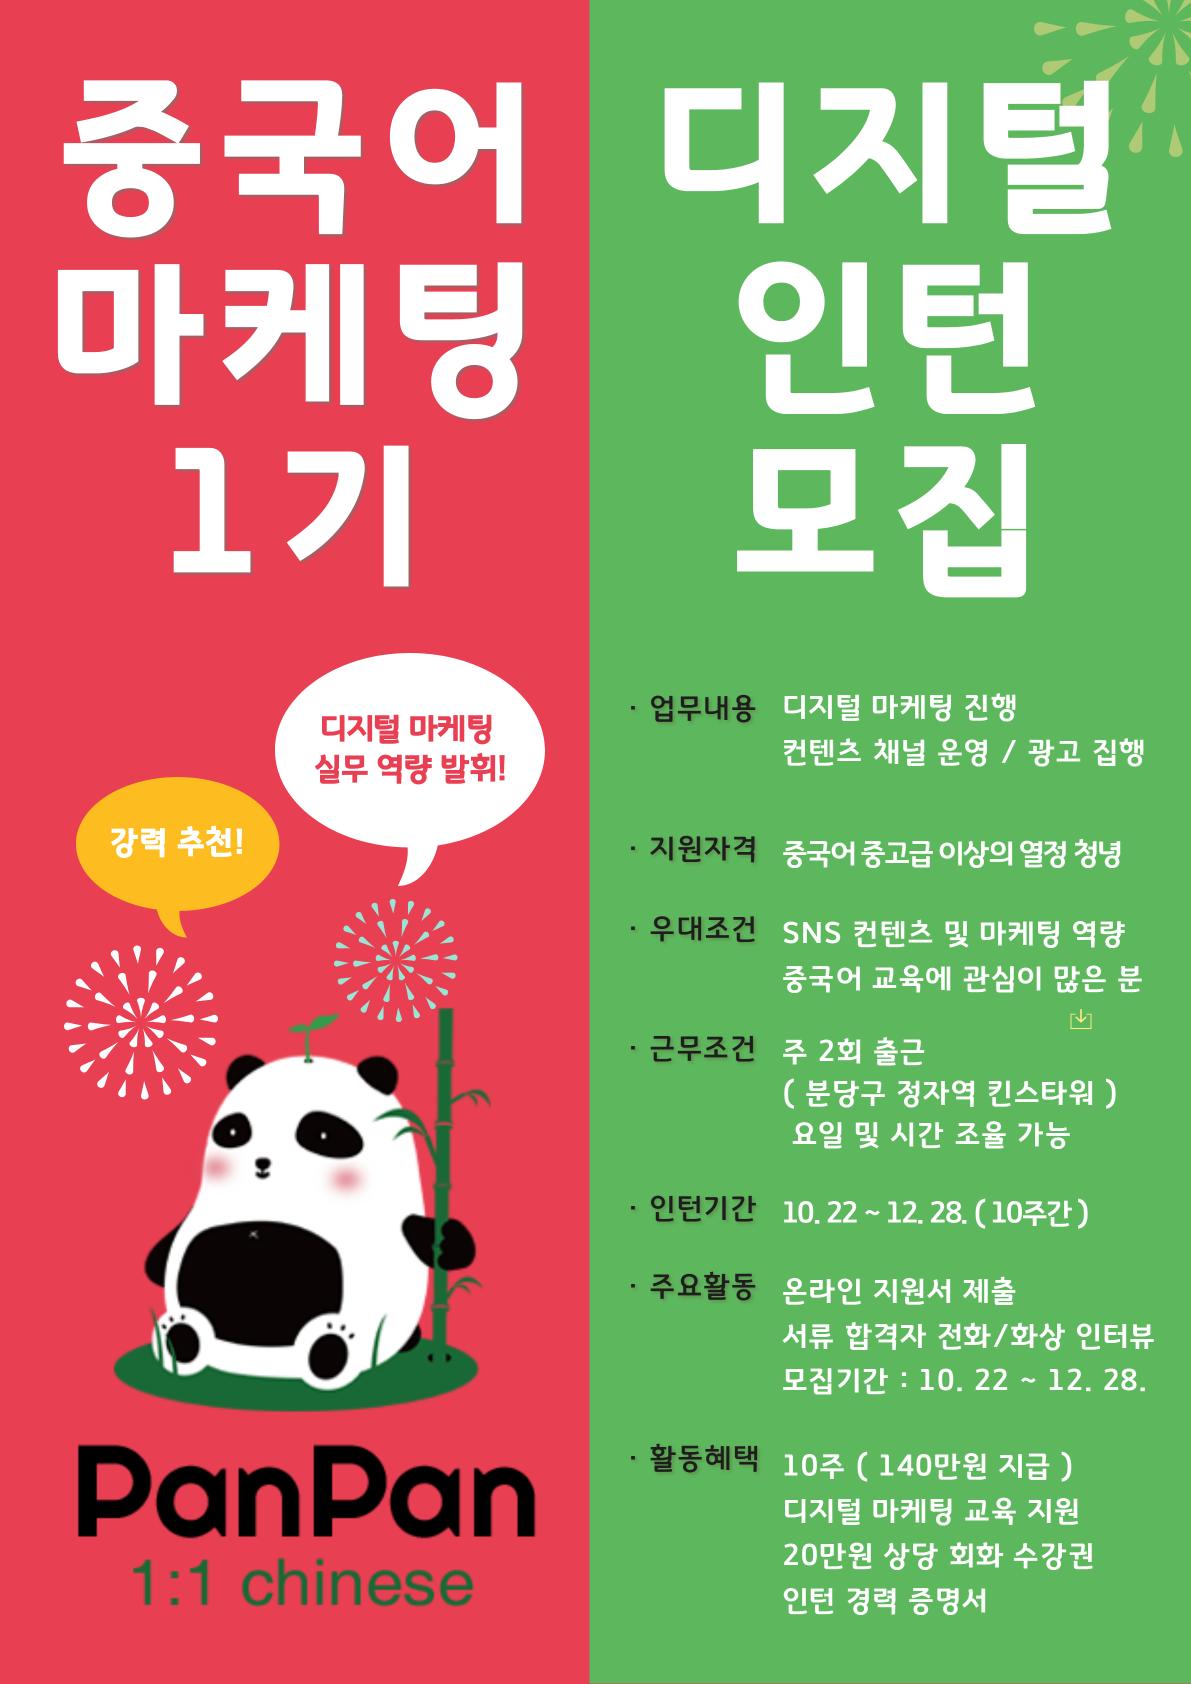 ( 주2일 근무 ) 디지털 마케팅 - 중국어 학습 컨텐츠 마케터 모집